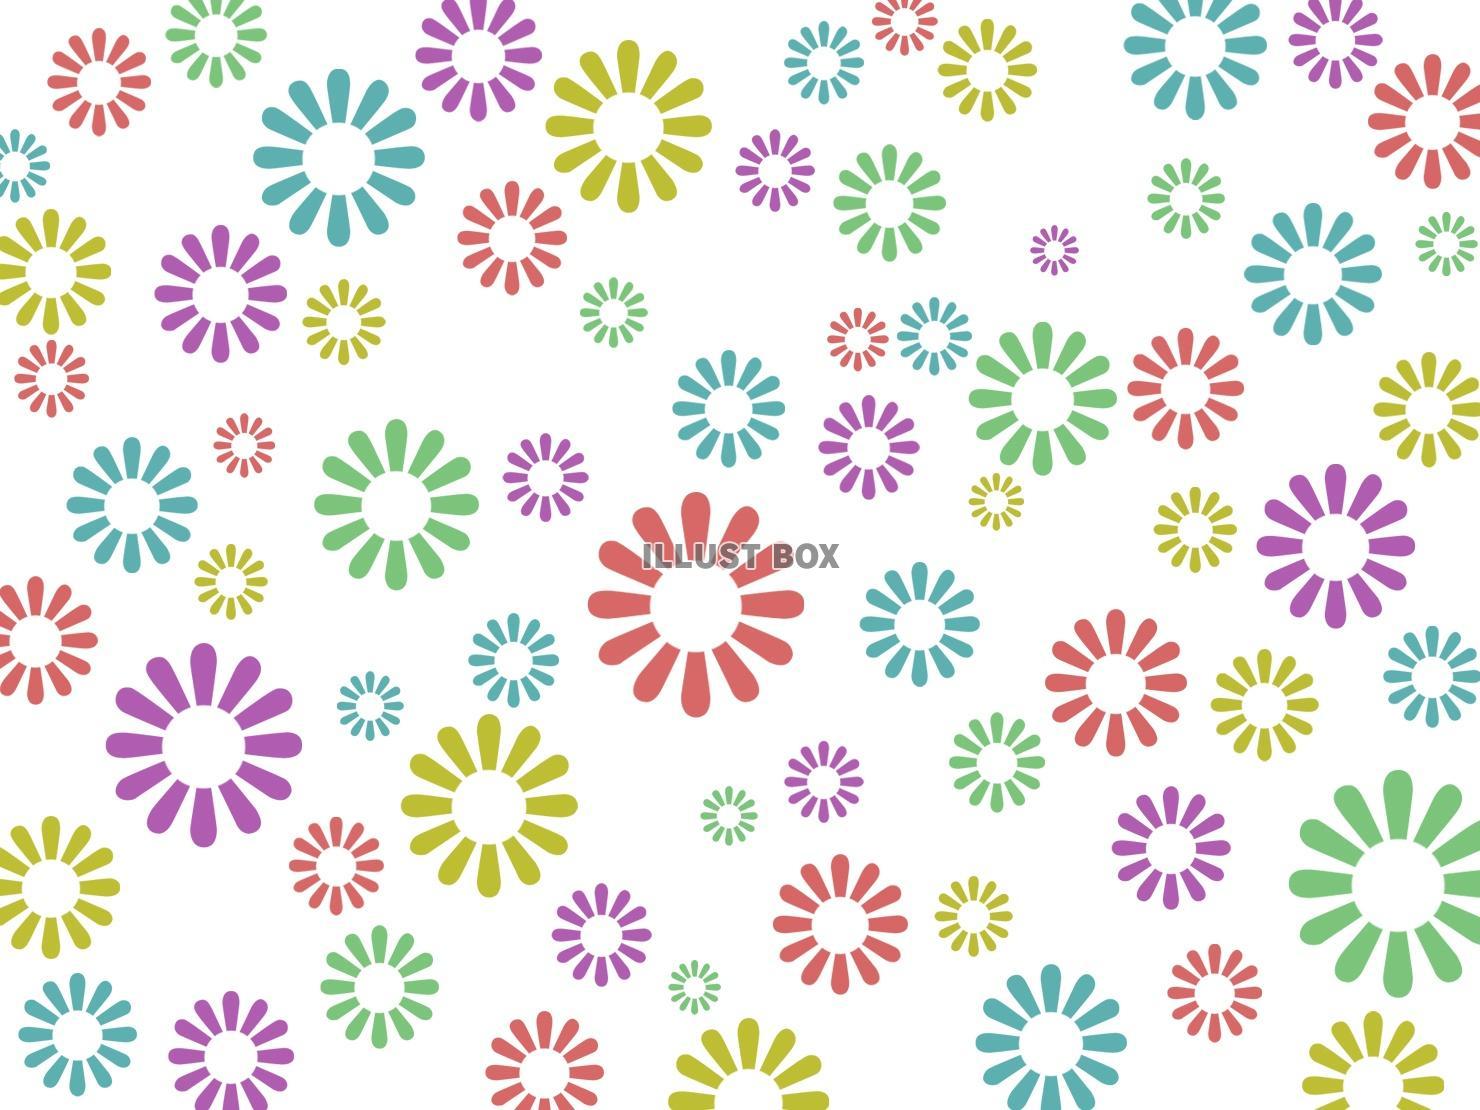 無料イラスト 花模様の壁紙カラフル柄の背景イラスト素材